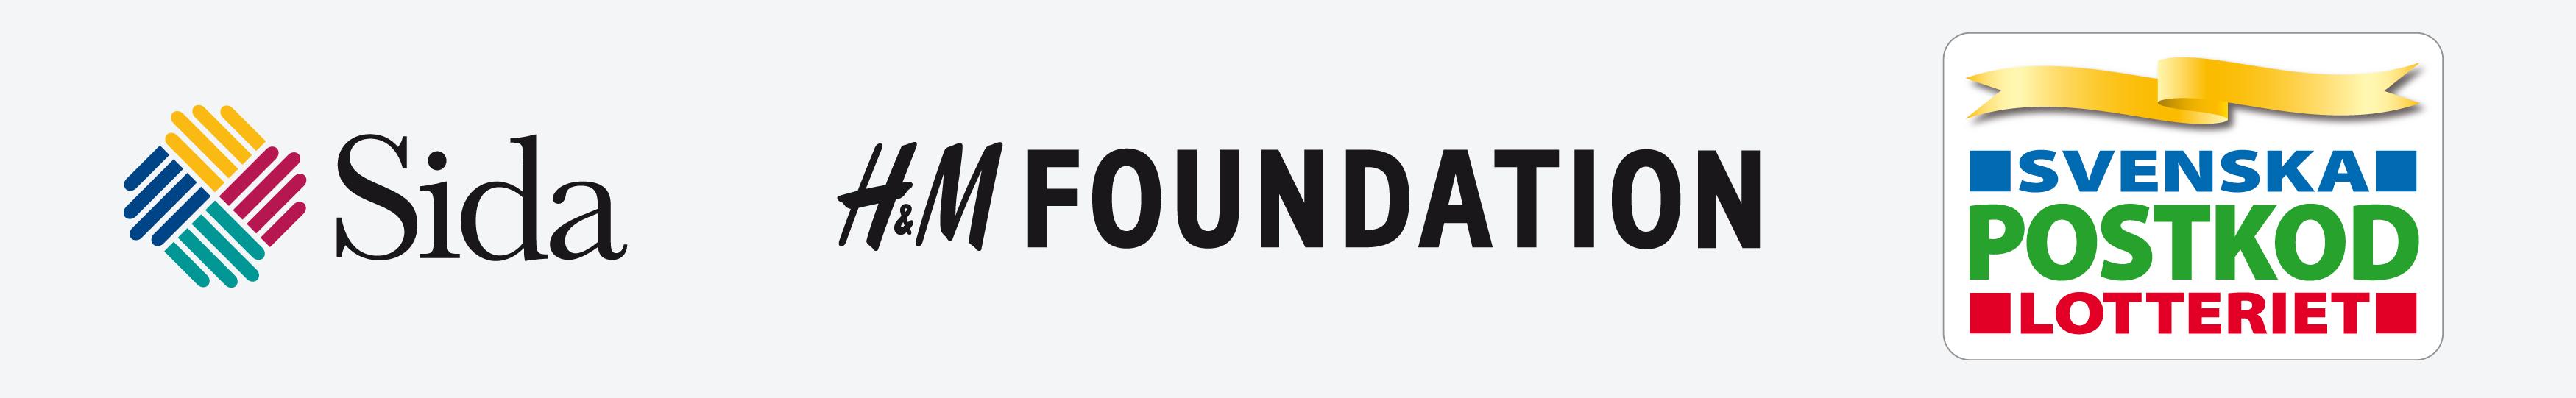 Sida, H&M Foundation och Svenska Postkodlotteriet